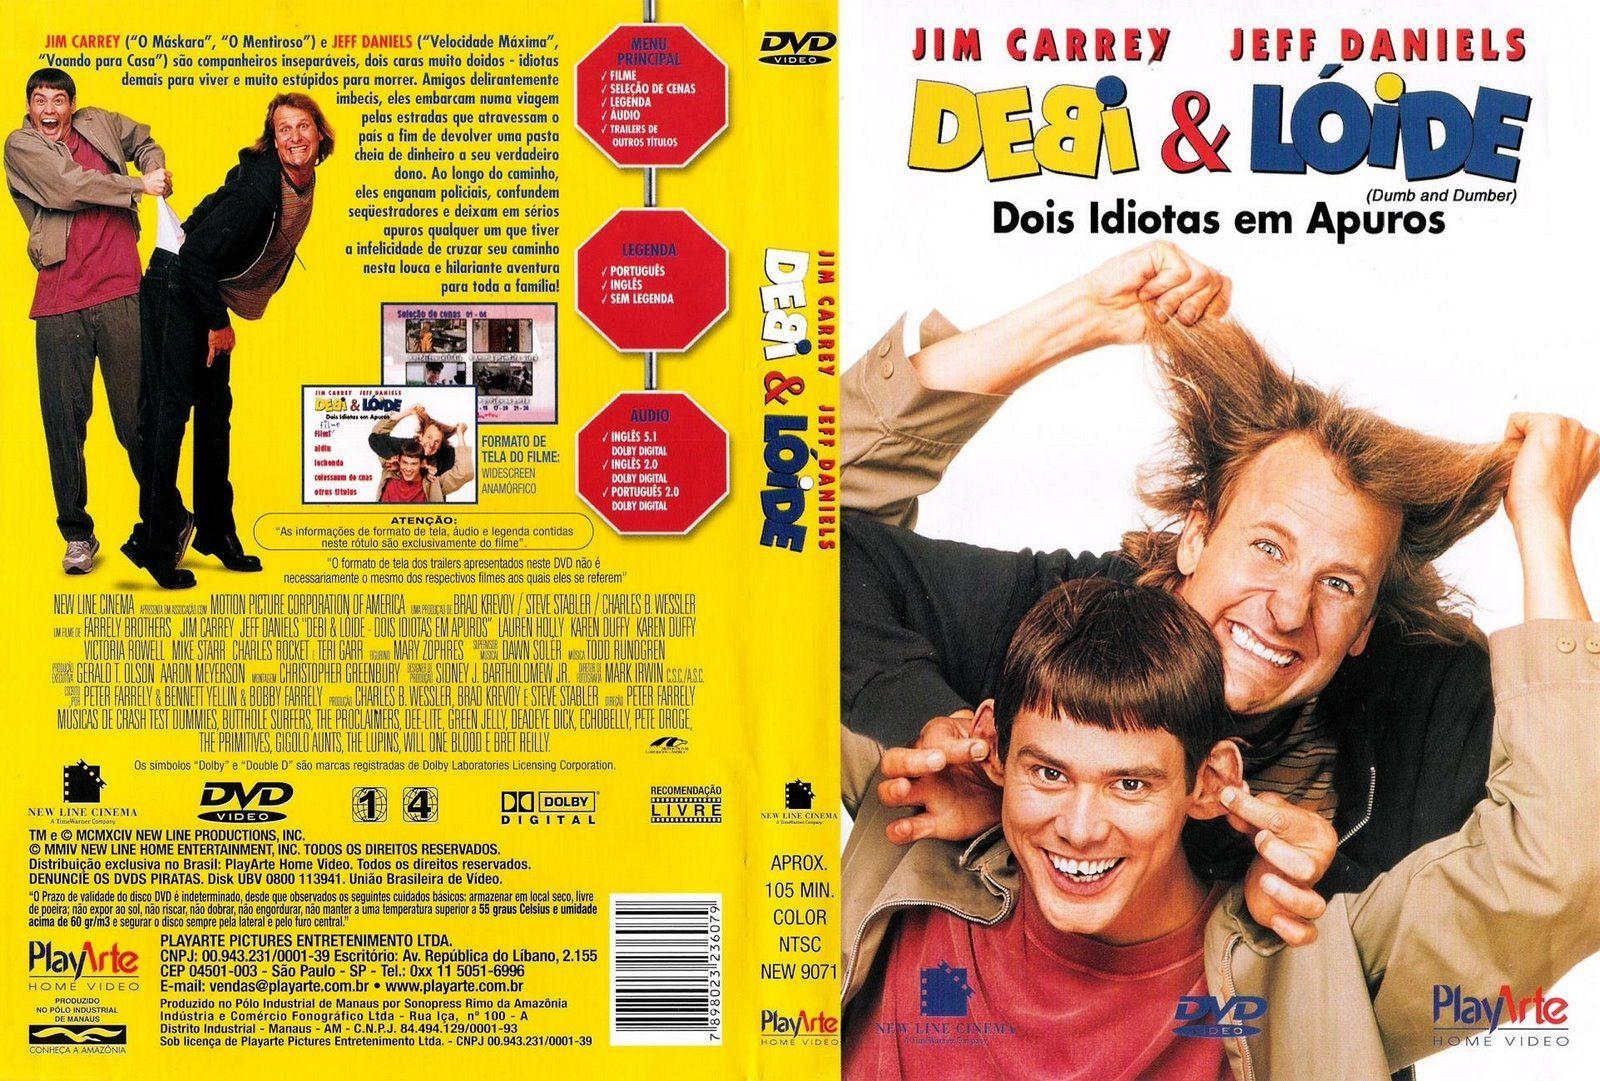 Debi Loide 1 1994 Com Imagens Filmes Comedia Filmes Idiotas